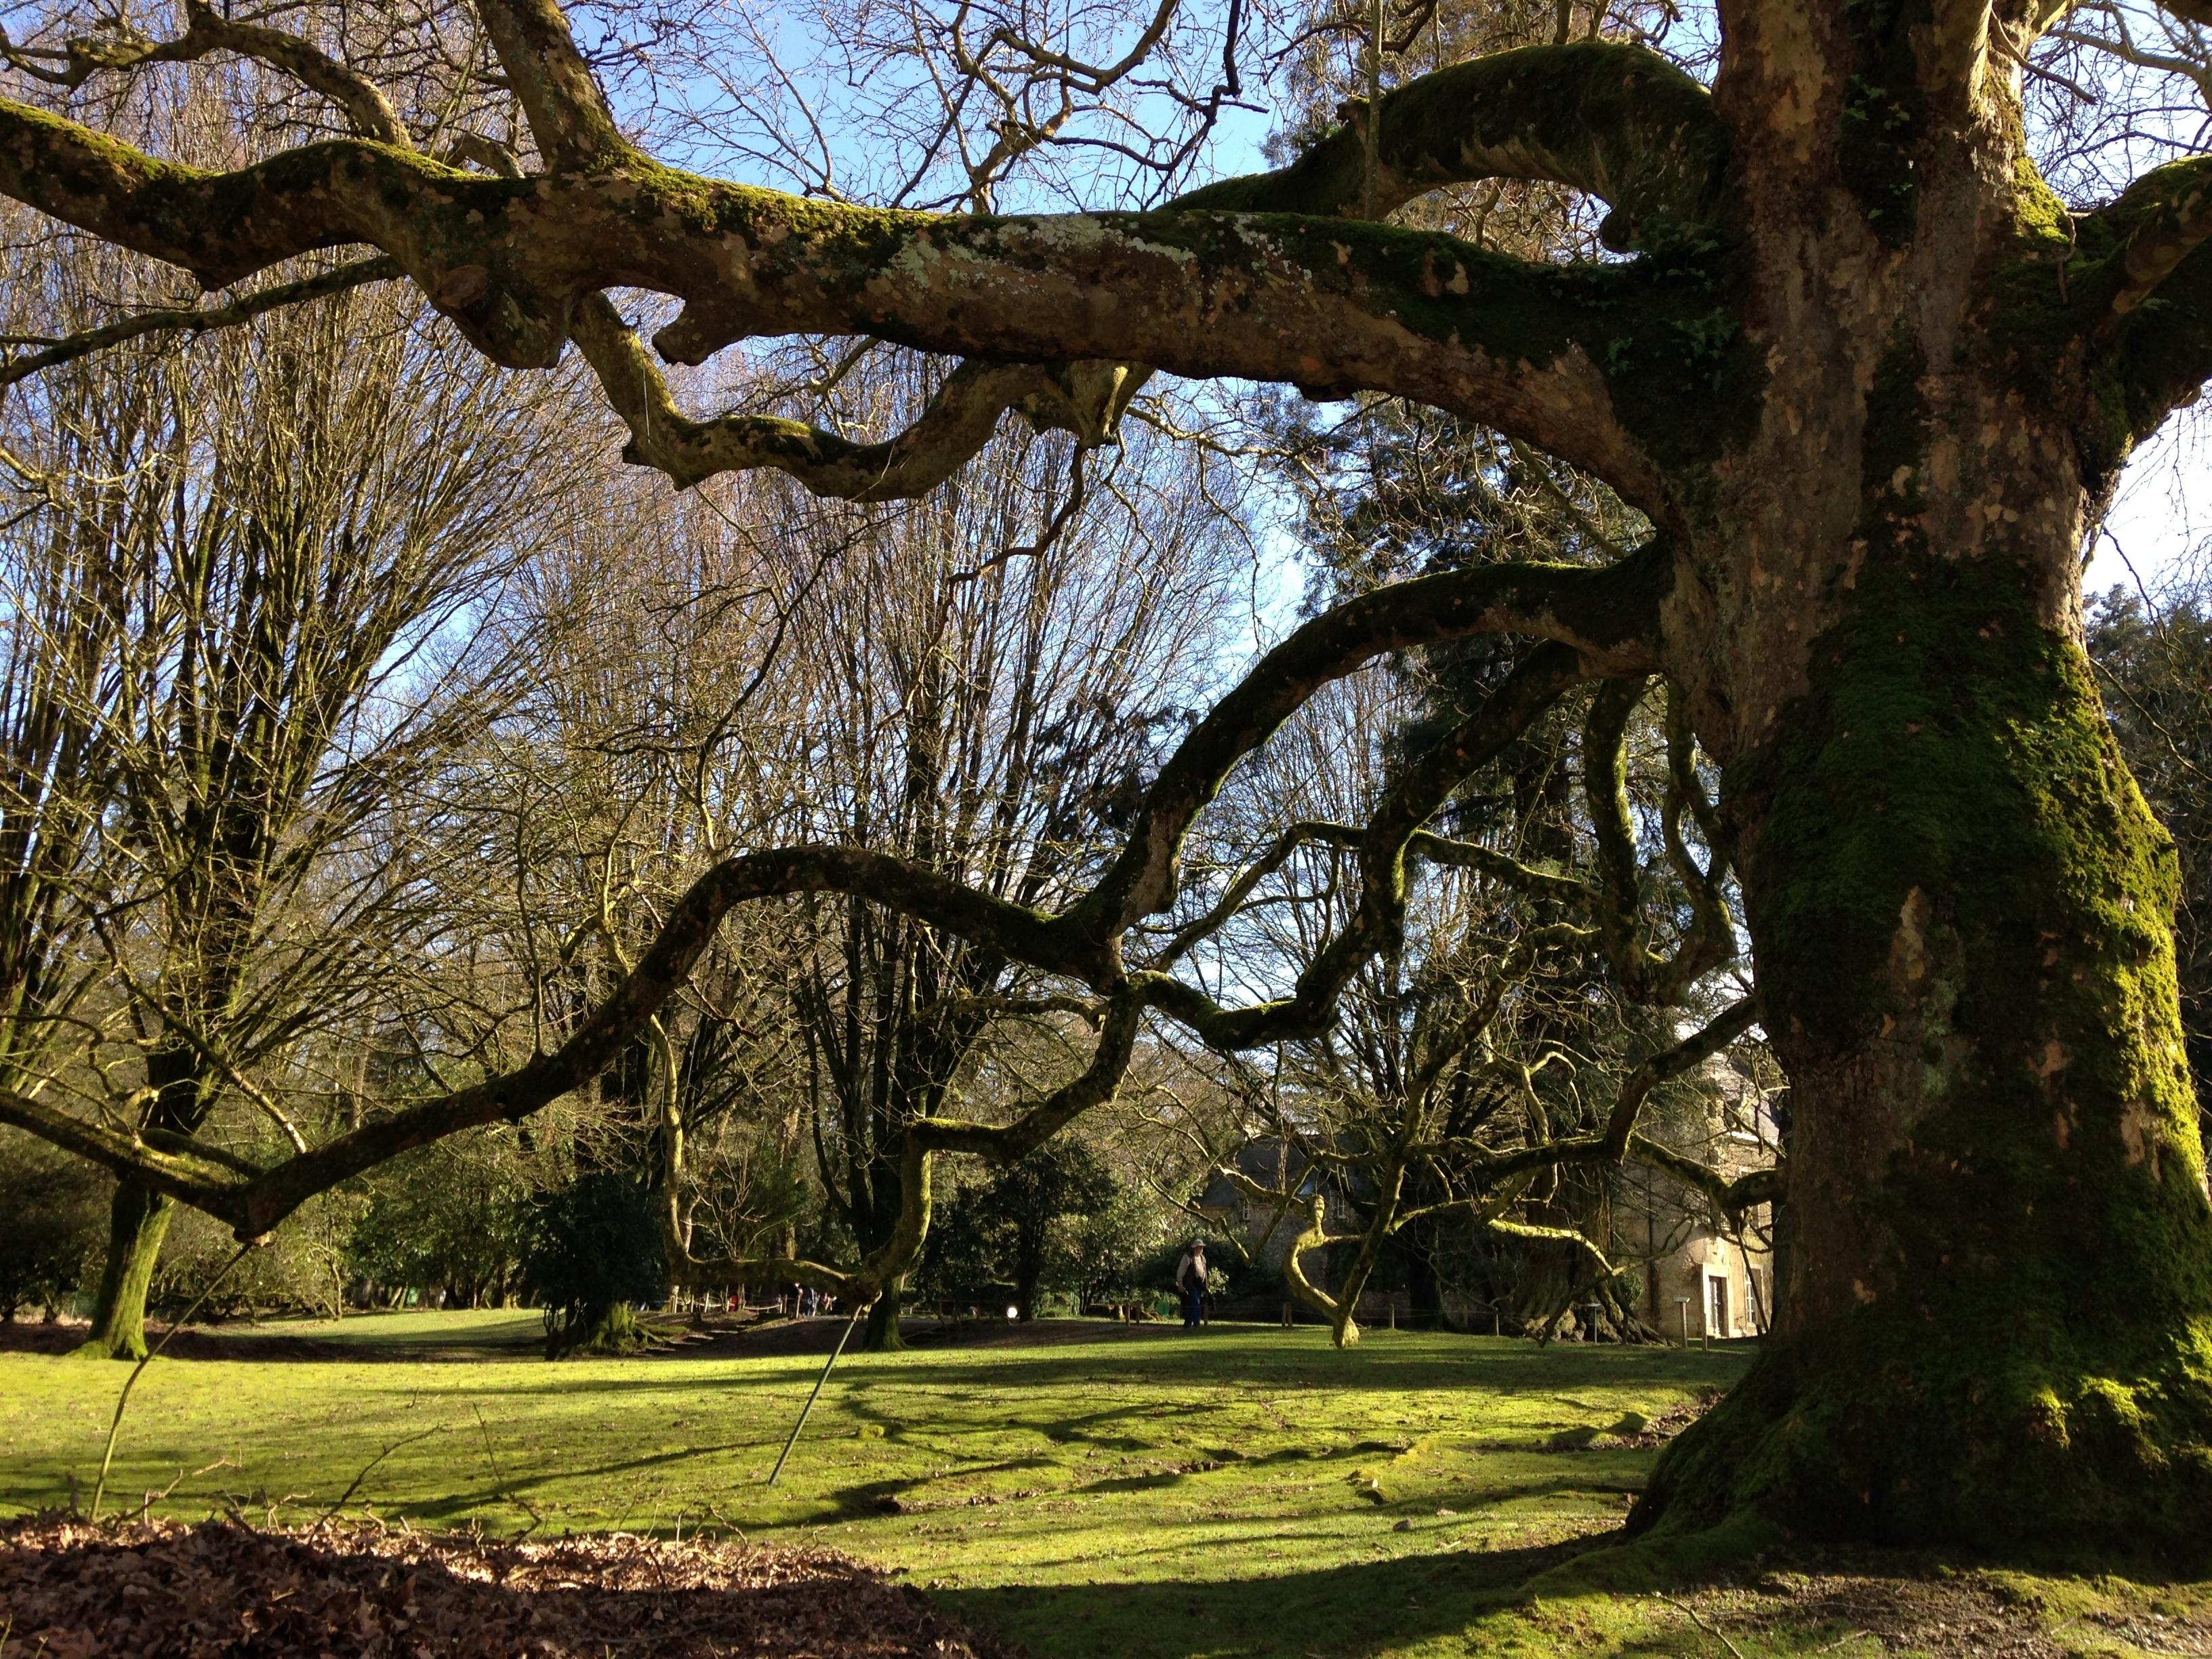 натяжные картинки старинных деревьев установка